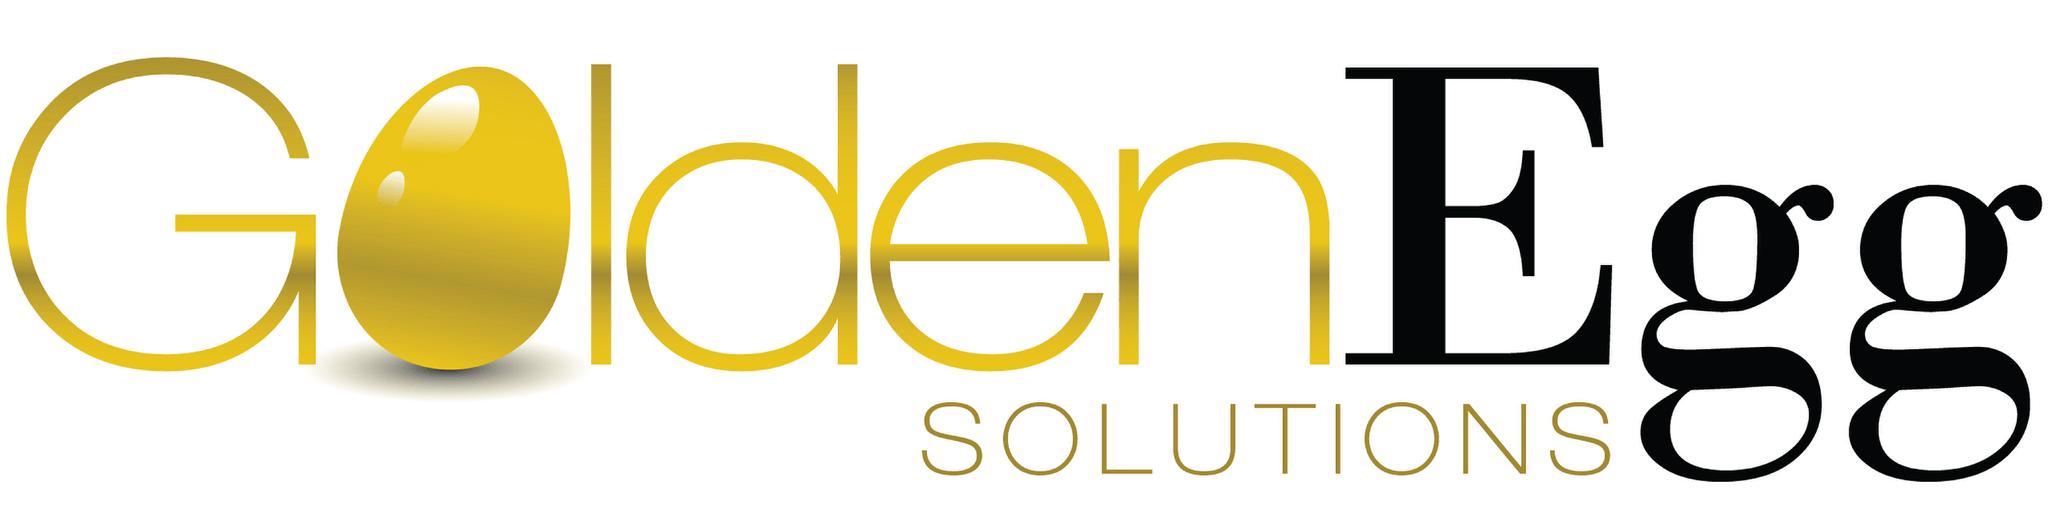 Golden Egg Solutions